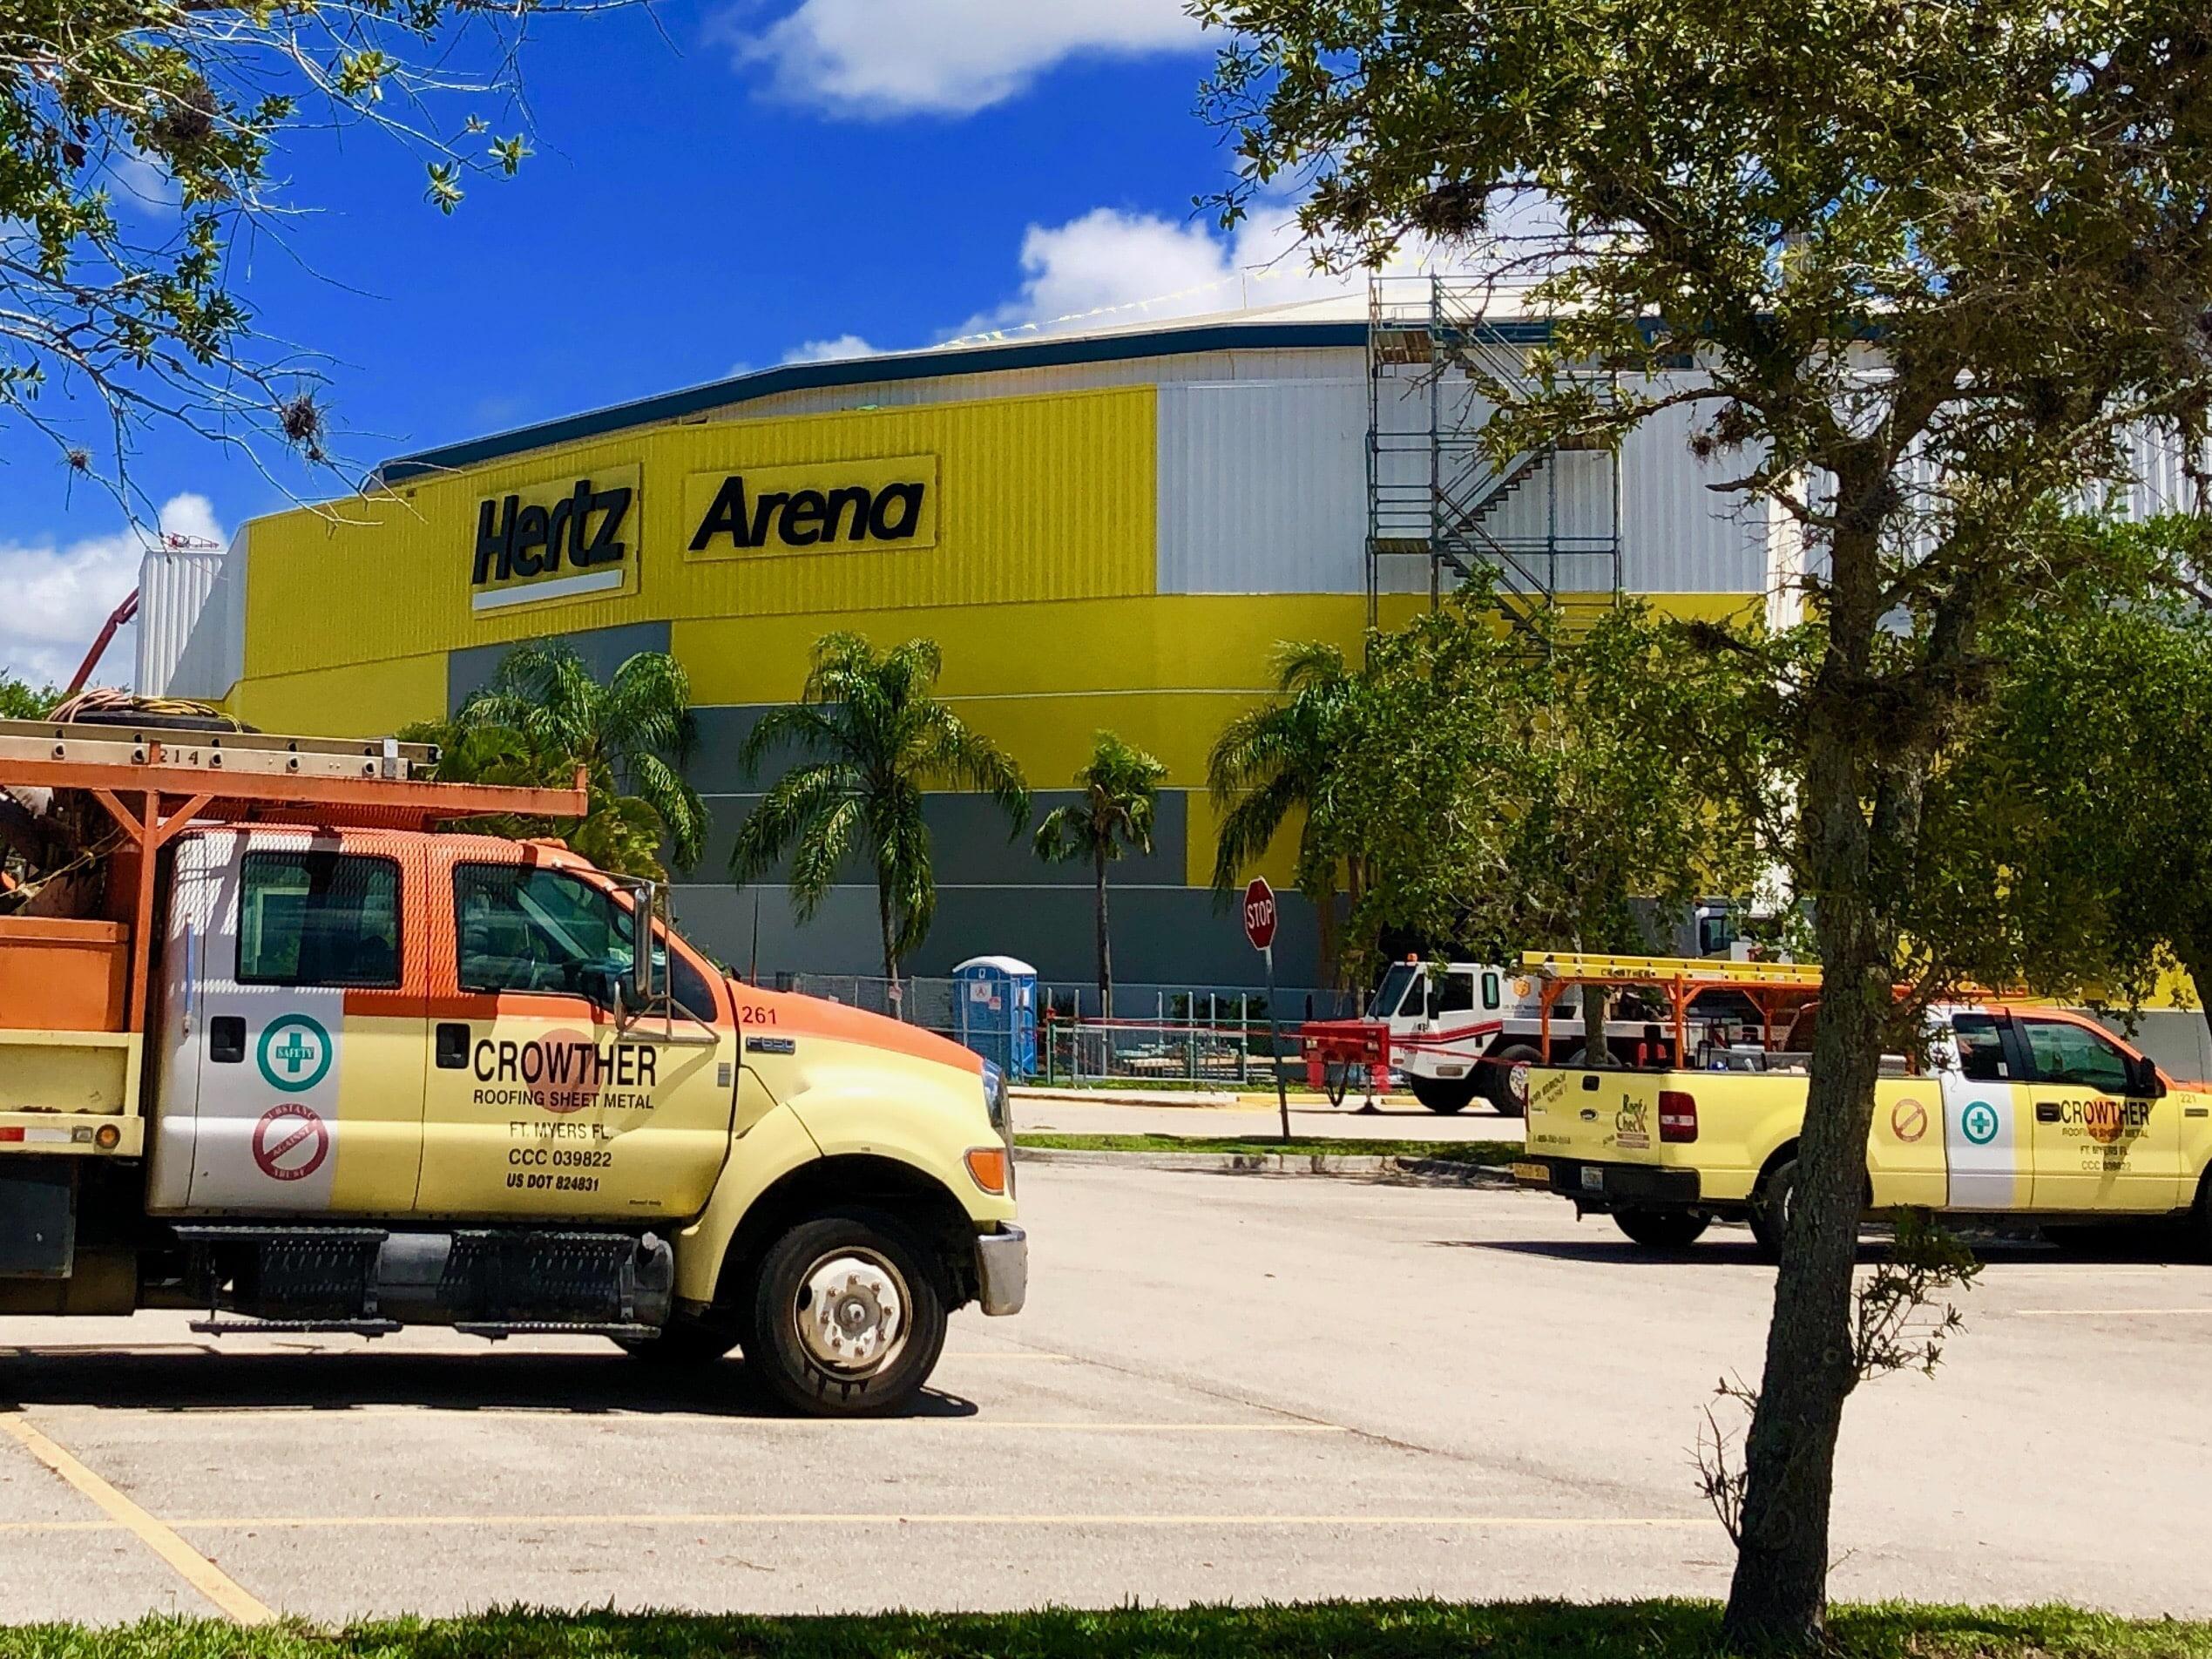 More Trucks at Hertz Arena